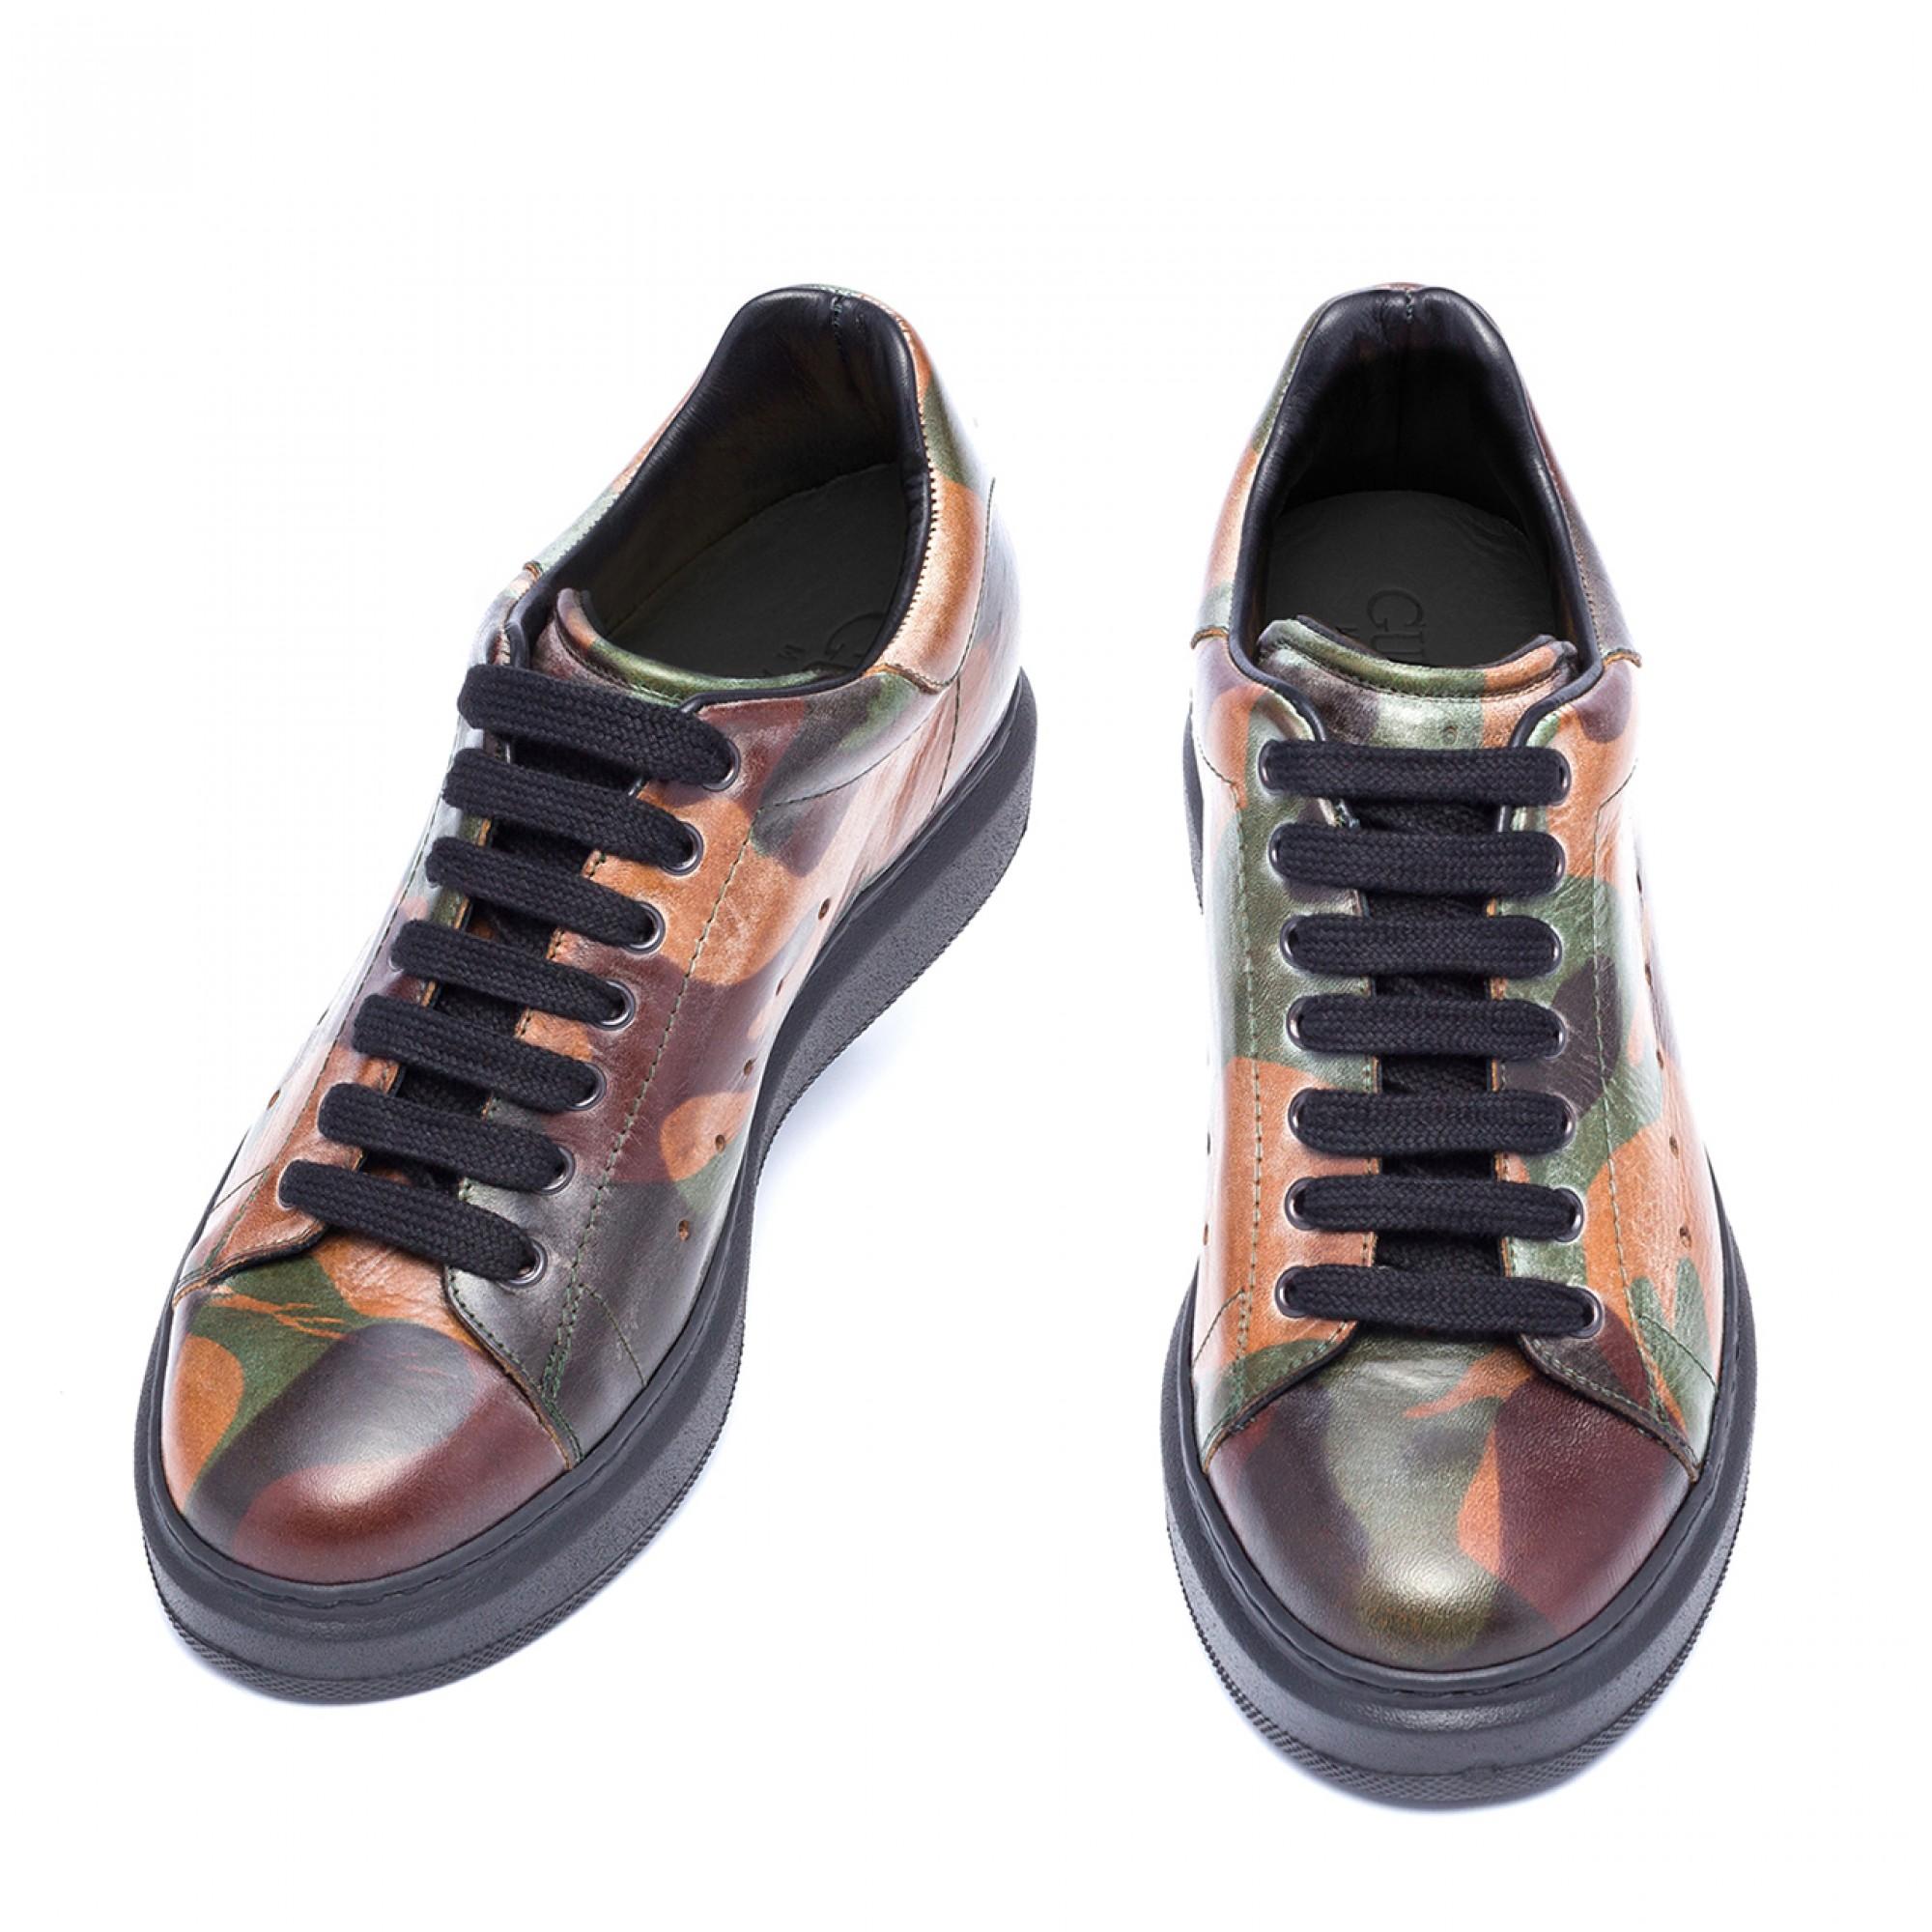 negozio scarpe con rialzo